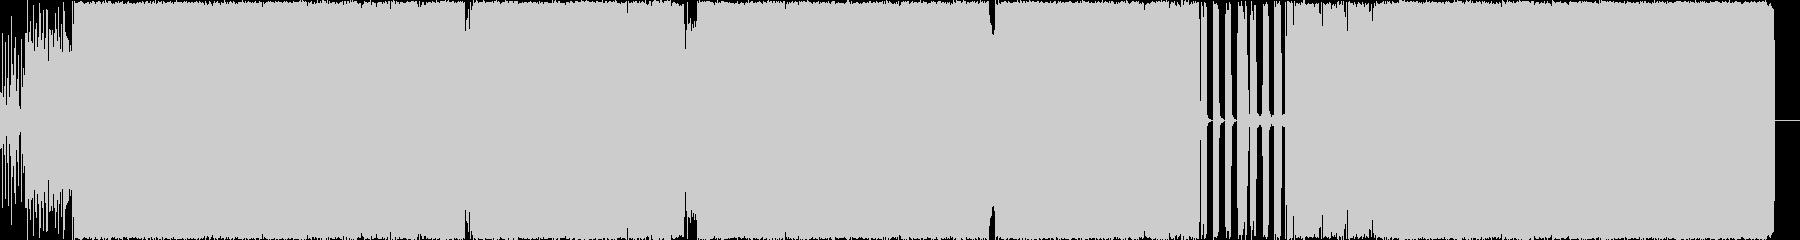 ベースの効いた4つ打ちRockサウンドの未再生の波形